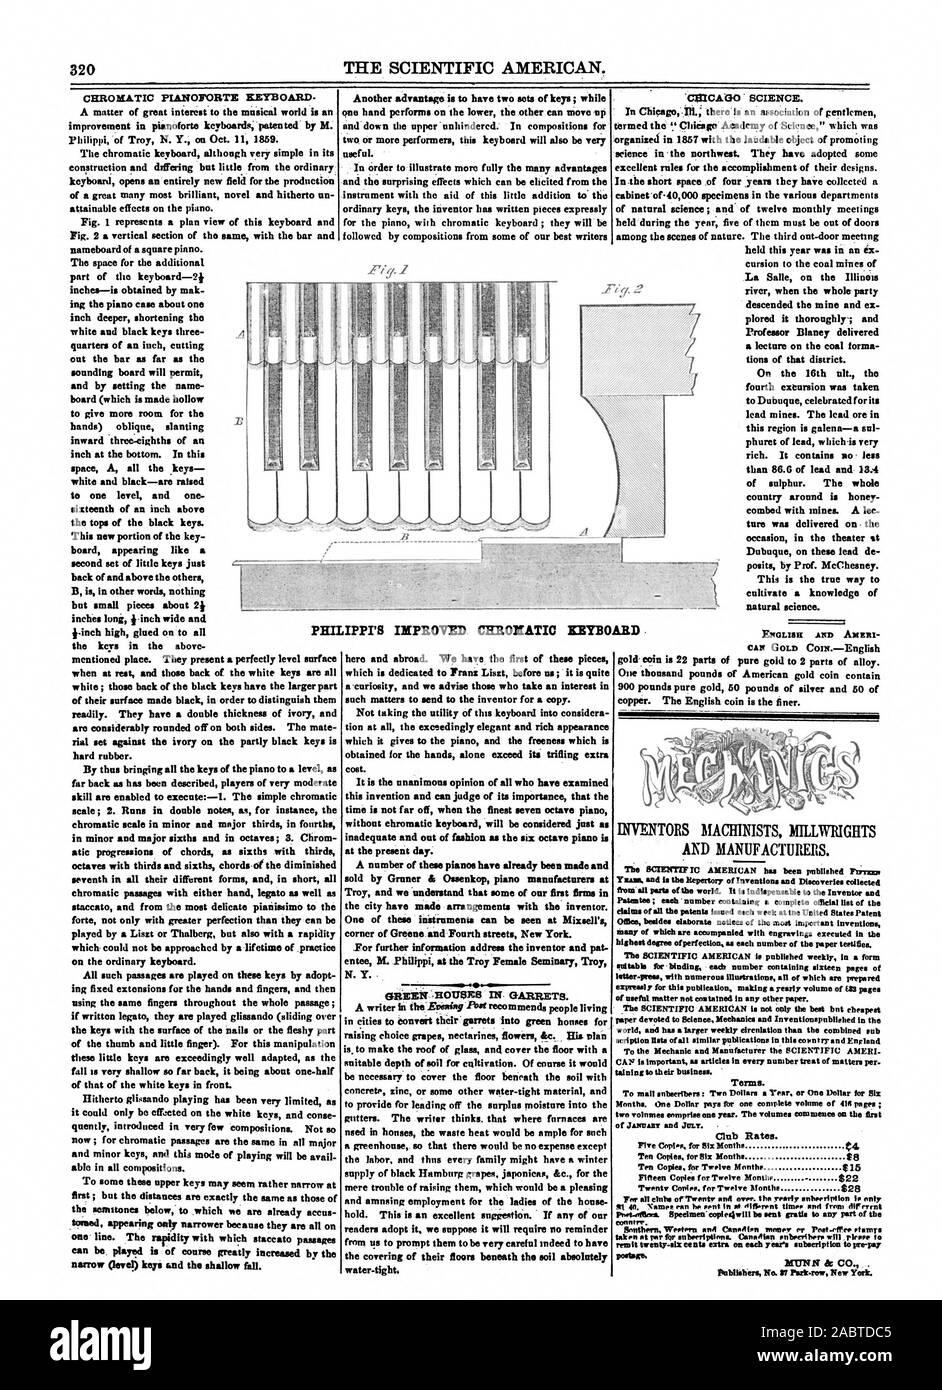 Club Preise. 5 Cont.Für 81x Monate $ 4 zehn Kopien für sechs Monate 88 zehn Kopien für zwölf Monate $ 15 822 20 Exemplare. Für Zwölf tionthe 828 an Tar für anbeerlptions. Kanadische enbeerthers wird eloper t PHIL MUNN & Co., Scientific American, 1860-11-10 Stockfoto